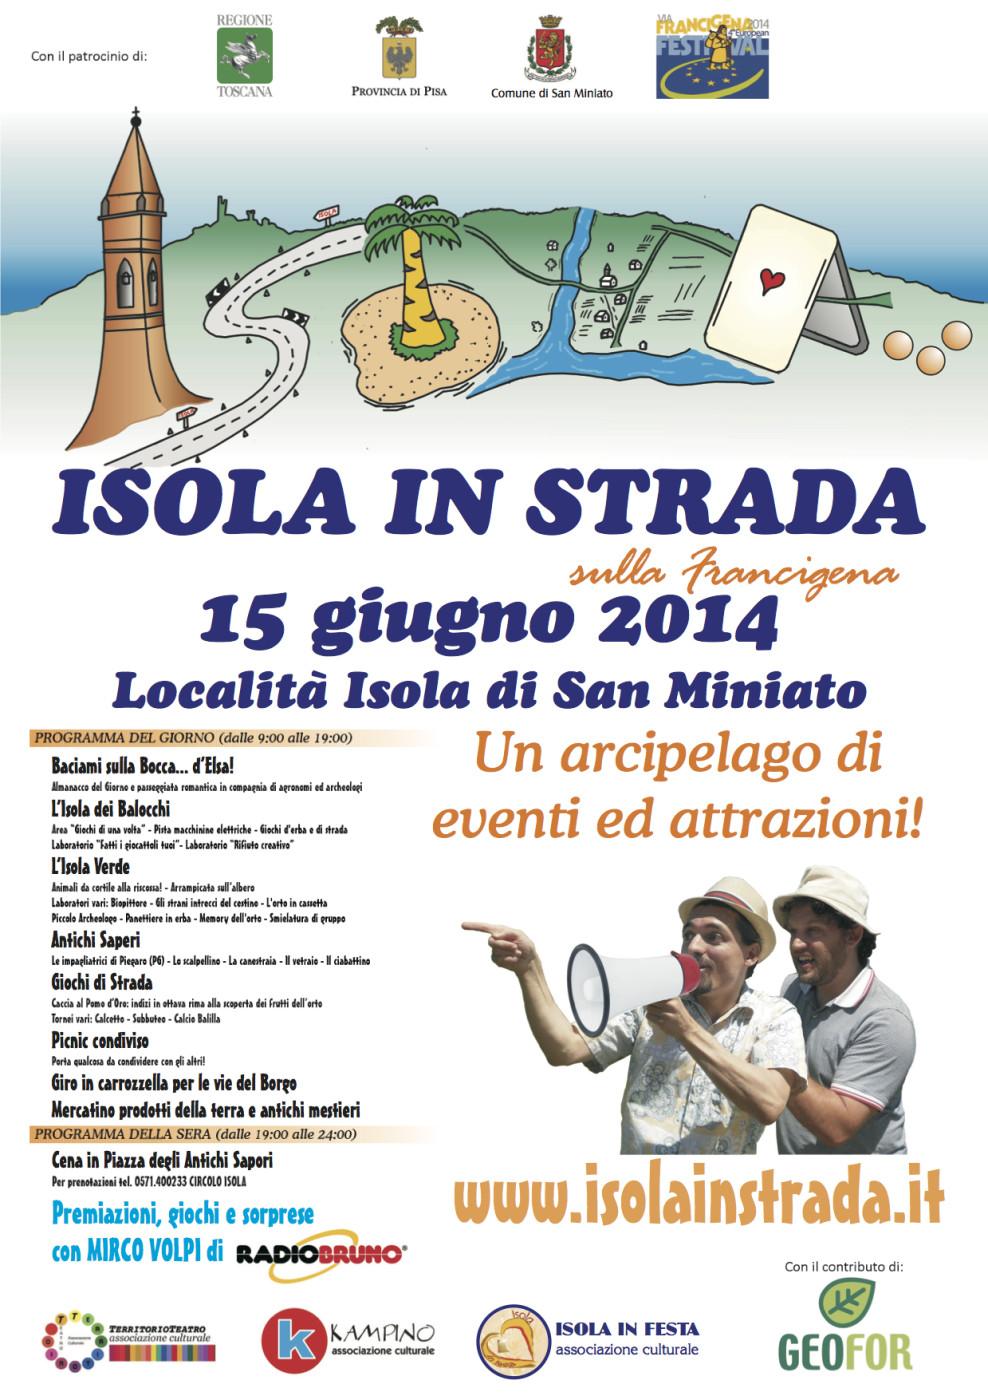 isolainstrada2014